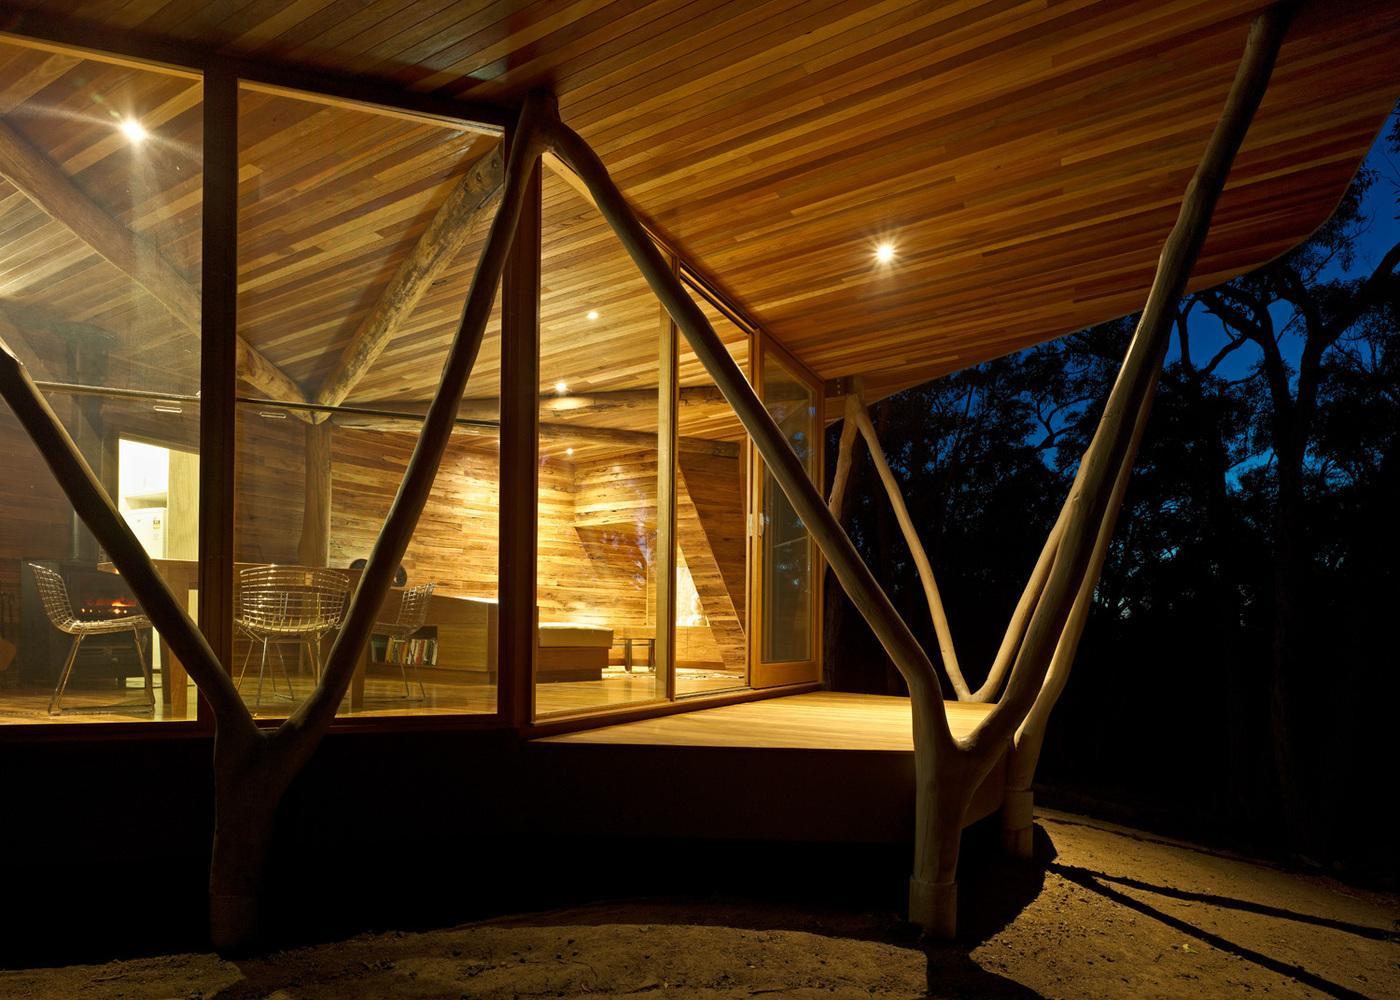 wood beams, cozy cabin